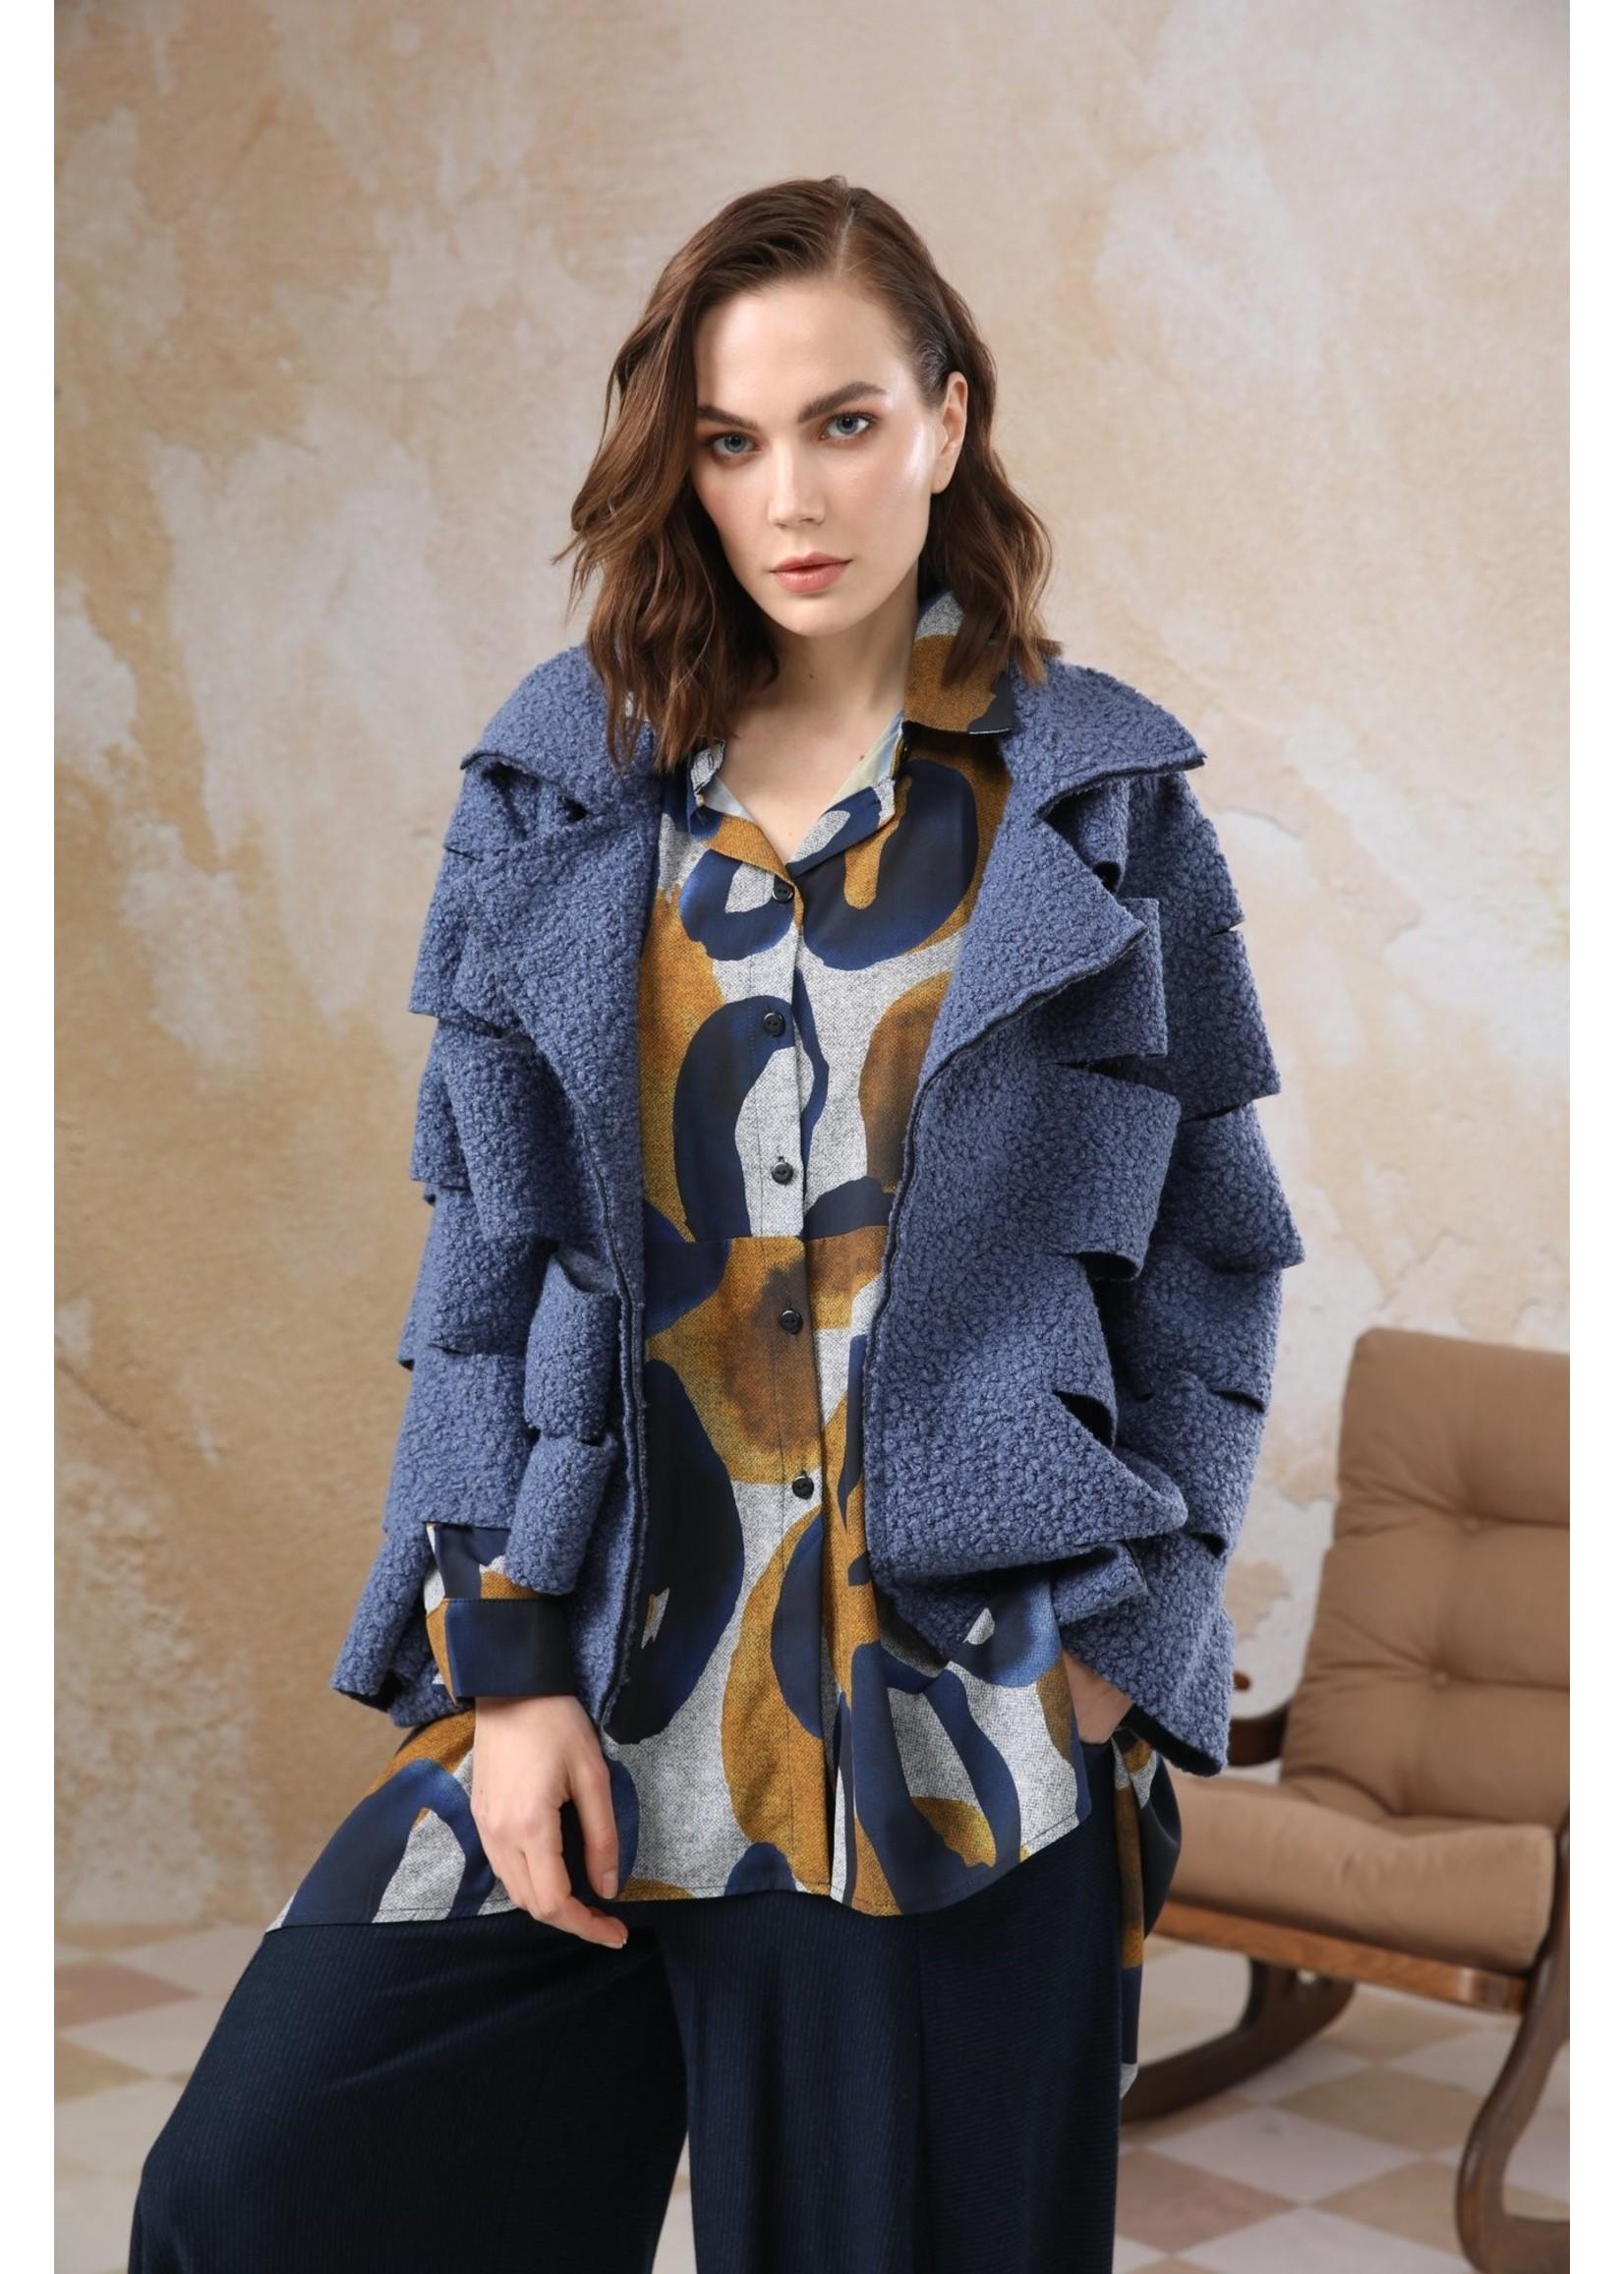 KOZAN sp2116 stormy jacket